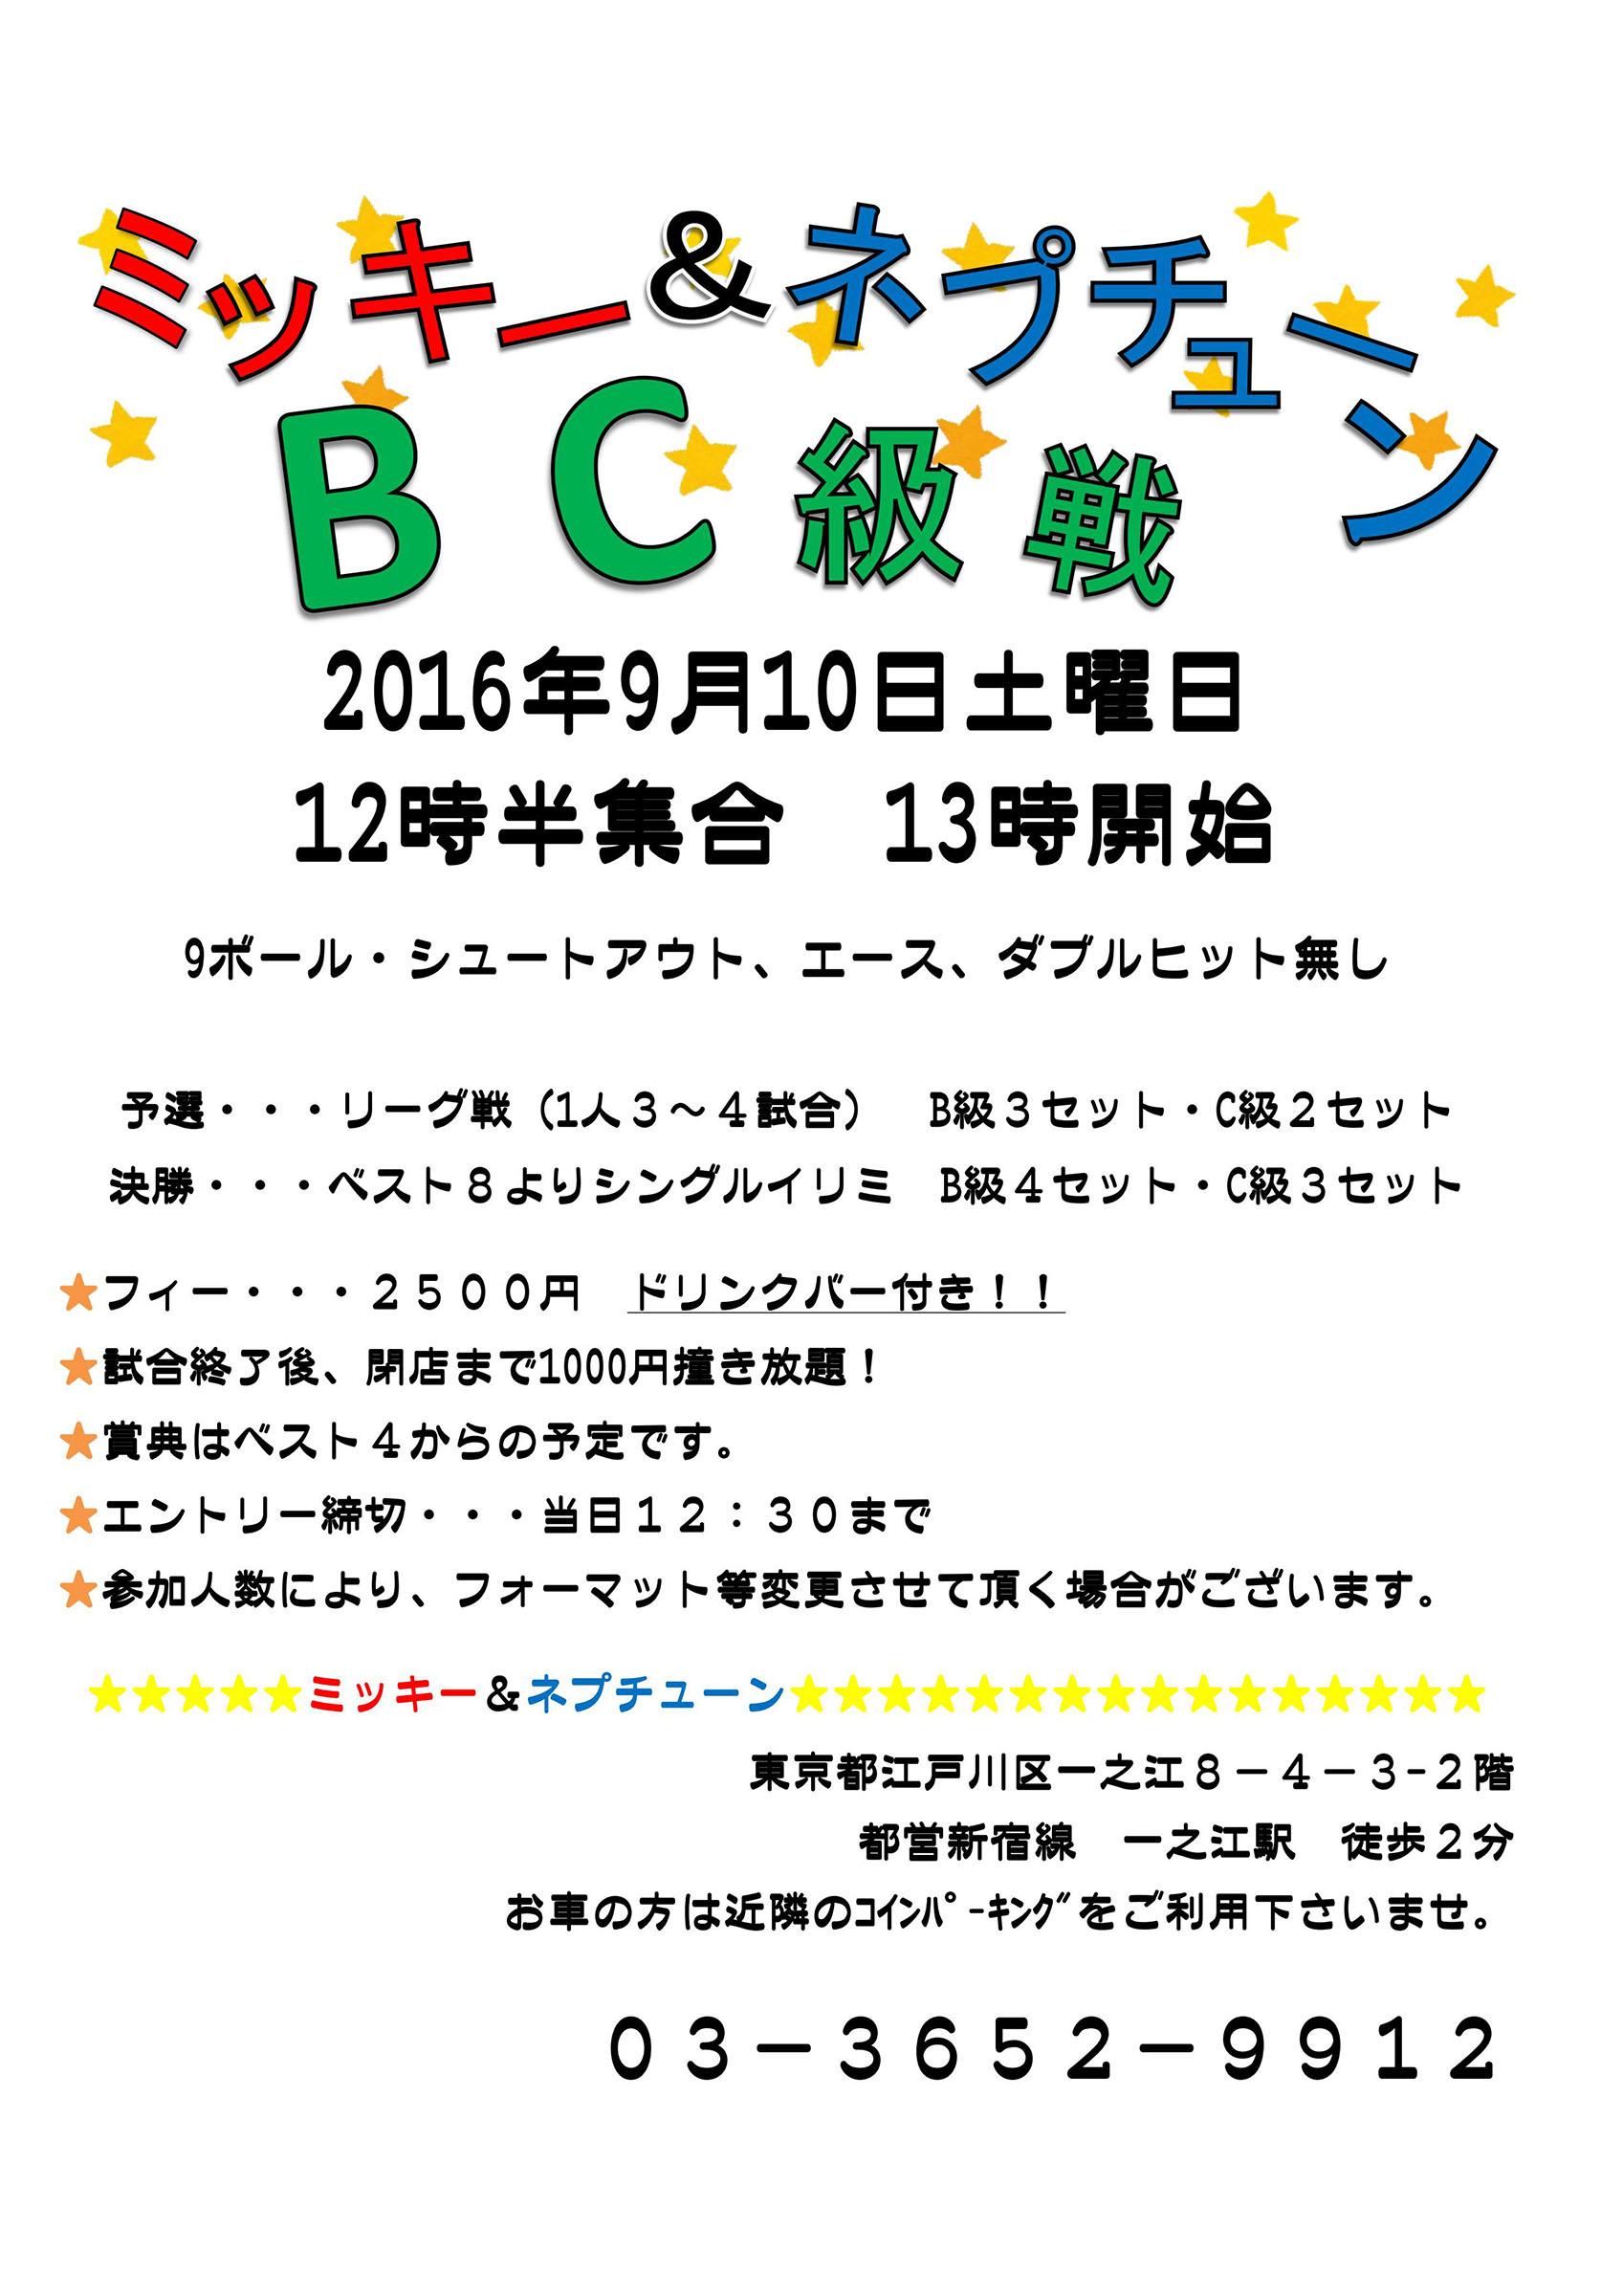 2016.9.10 BC要項_01